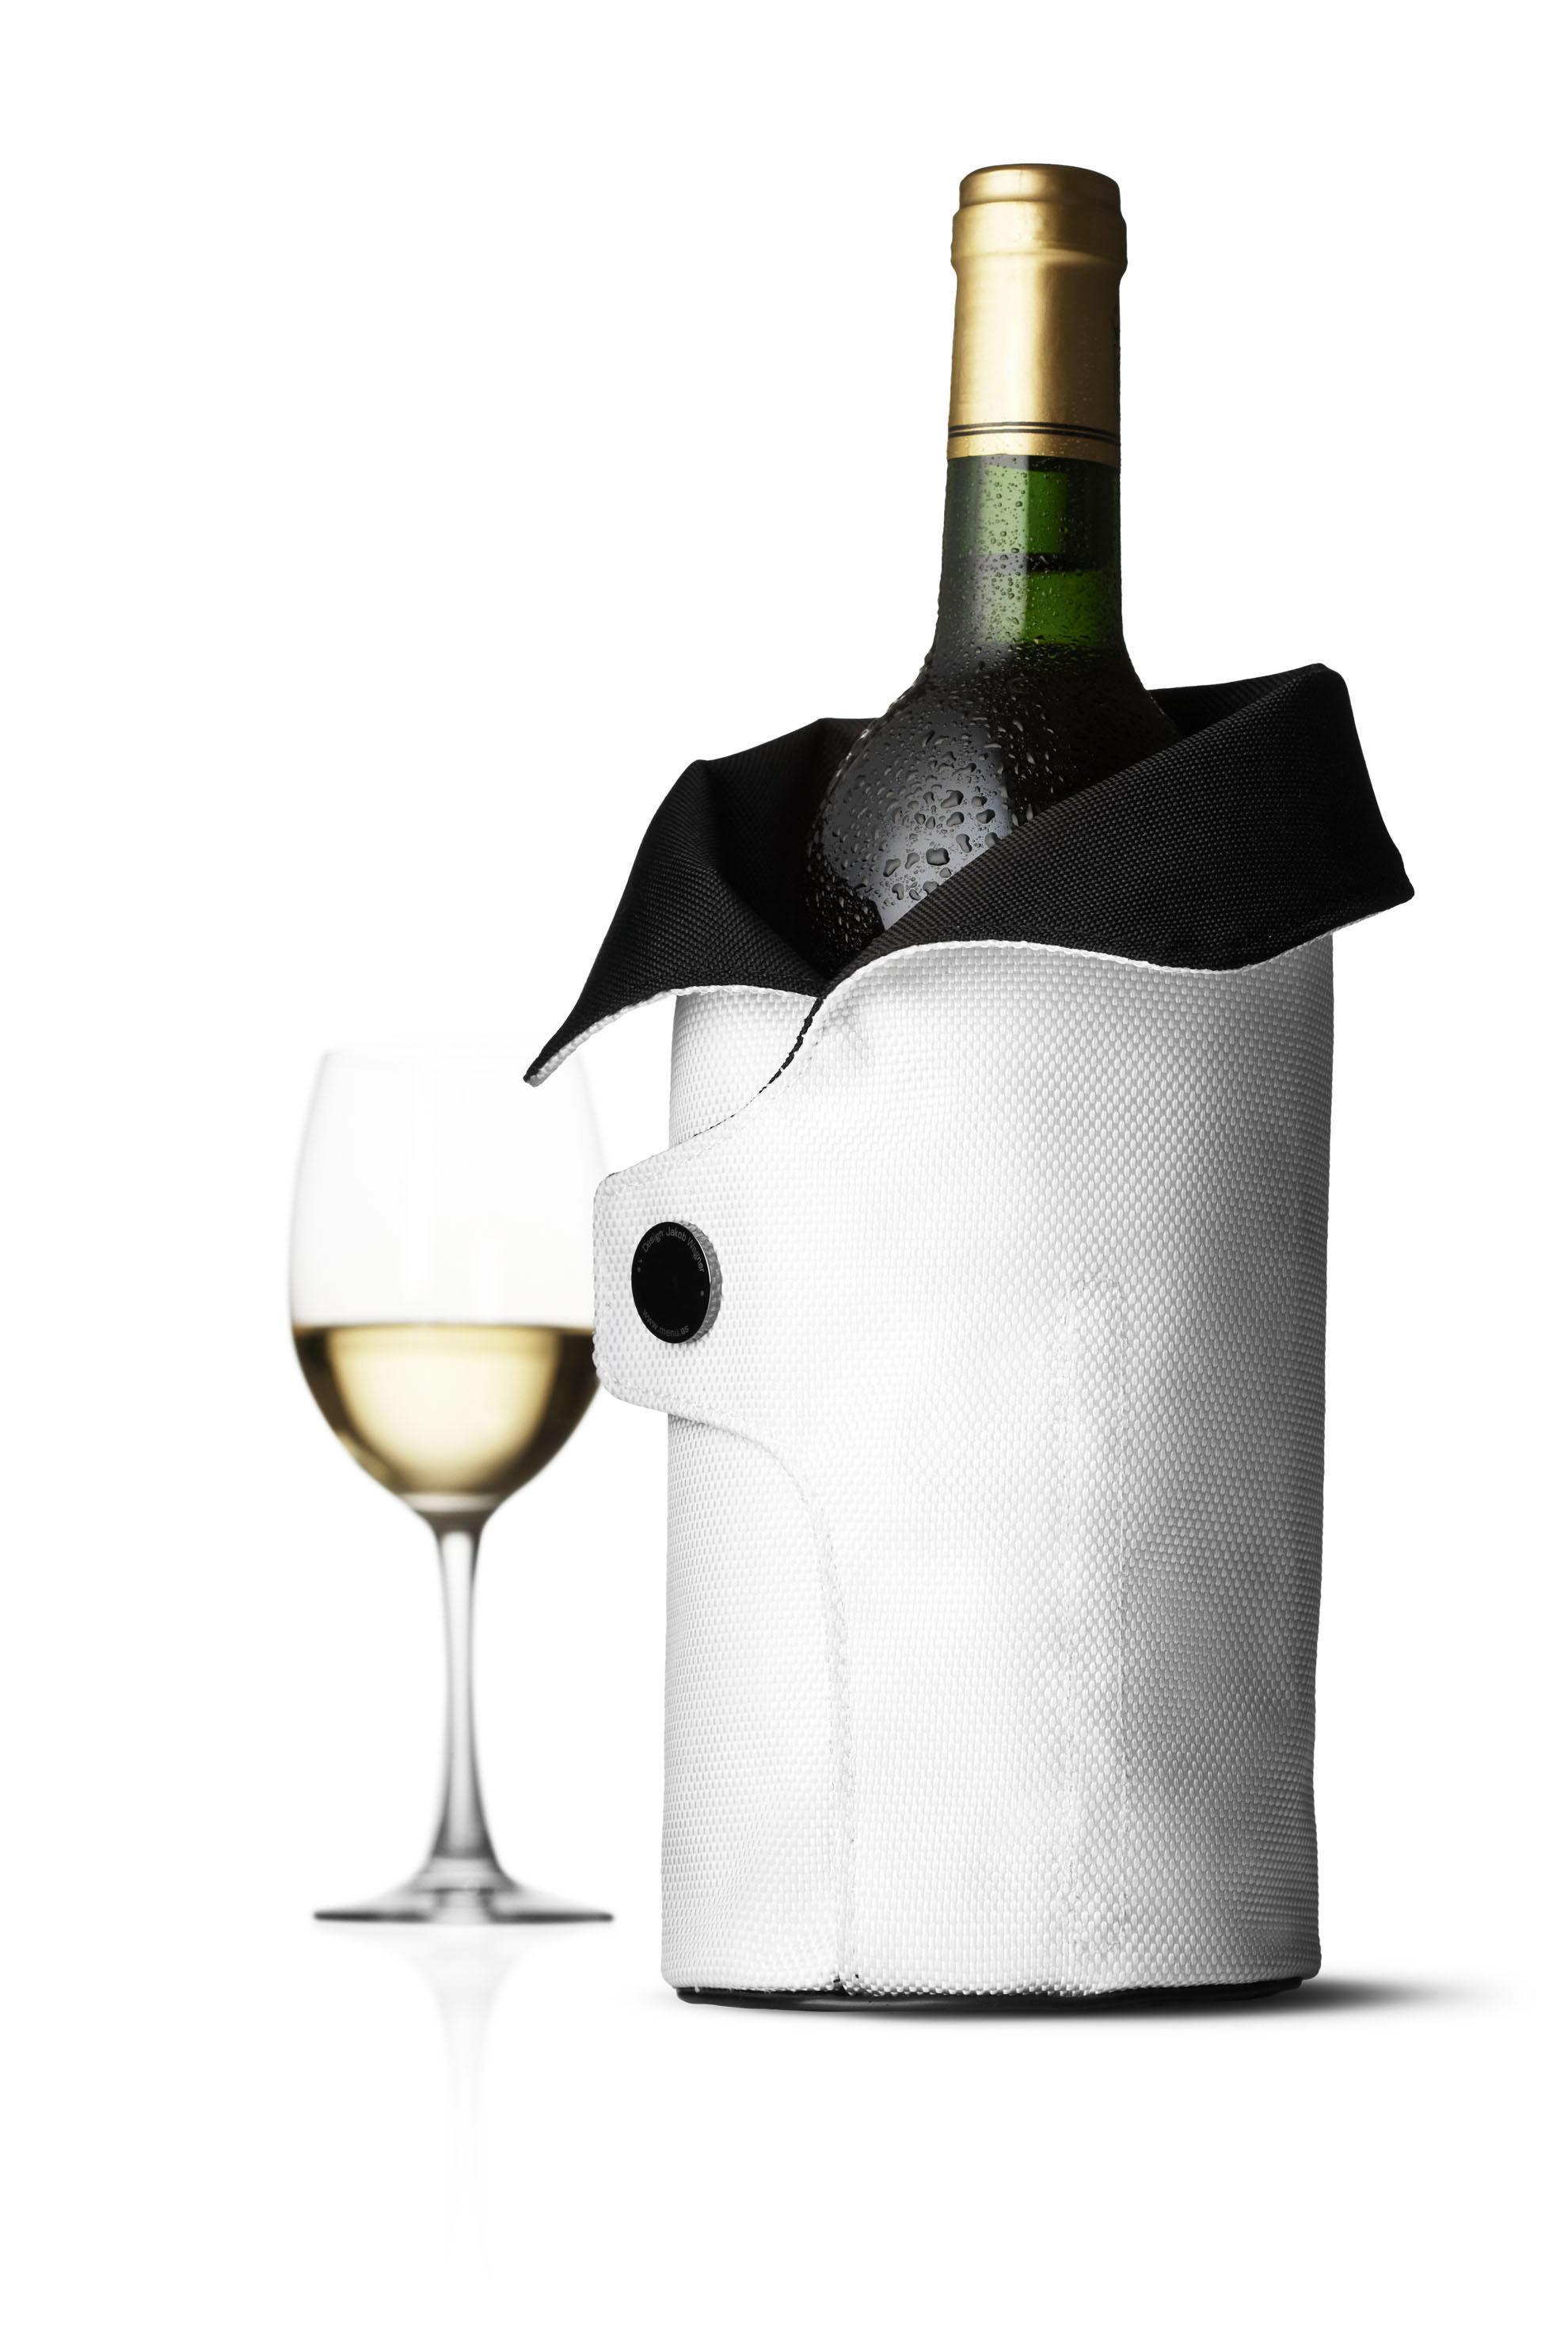 rafra chisseur bouteille cool coat pour vin fourreau r frig rant pour vins blanc doublure. Black Bedroom Furniture Sets. Home Design Ideas